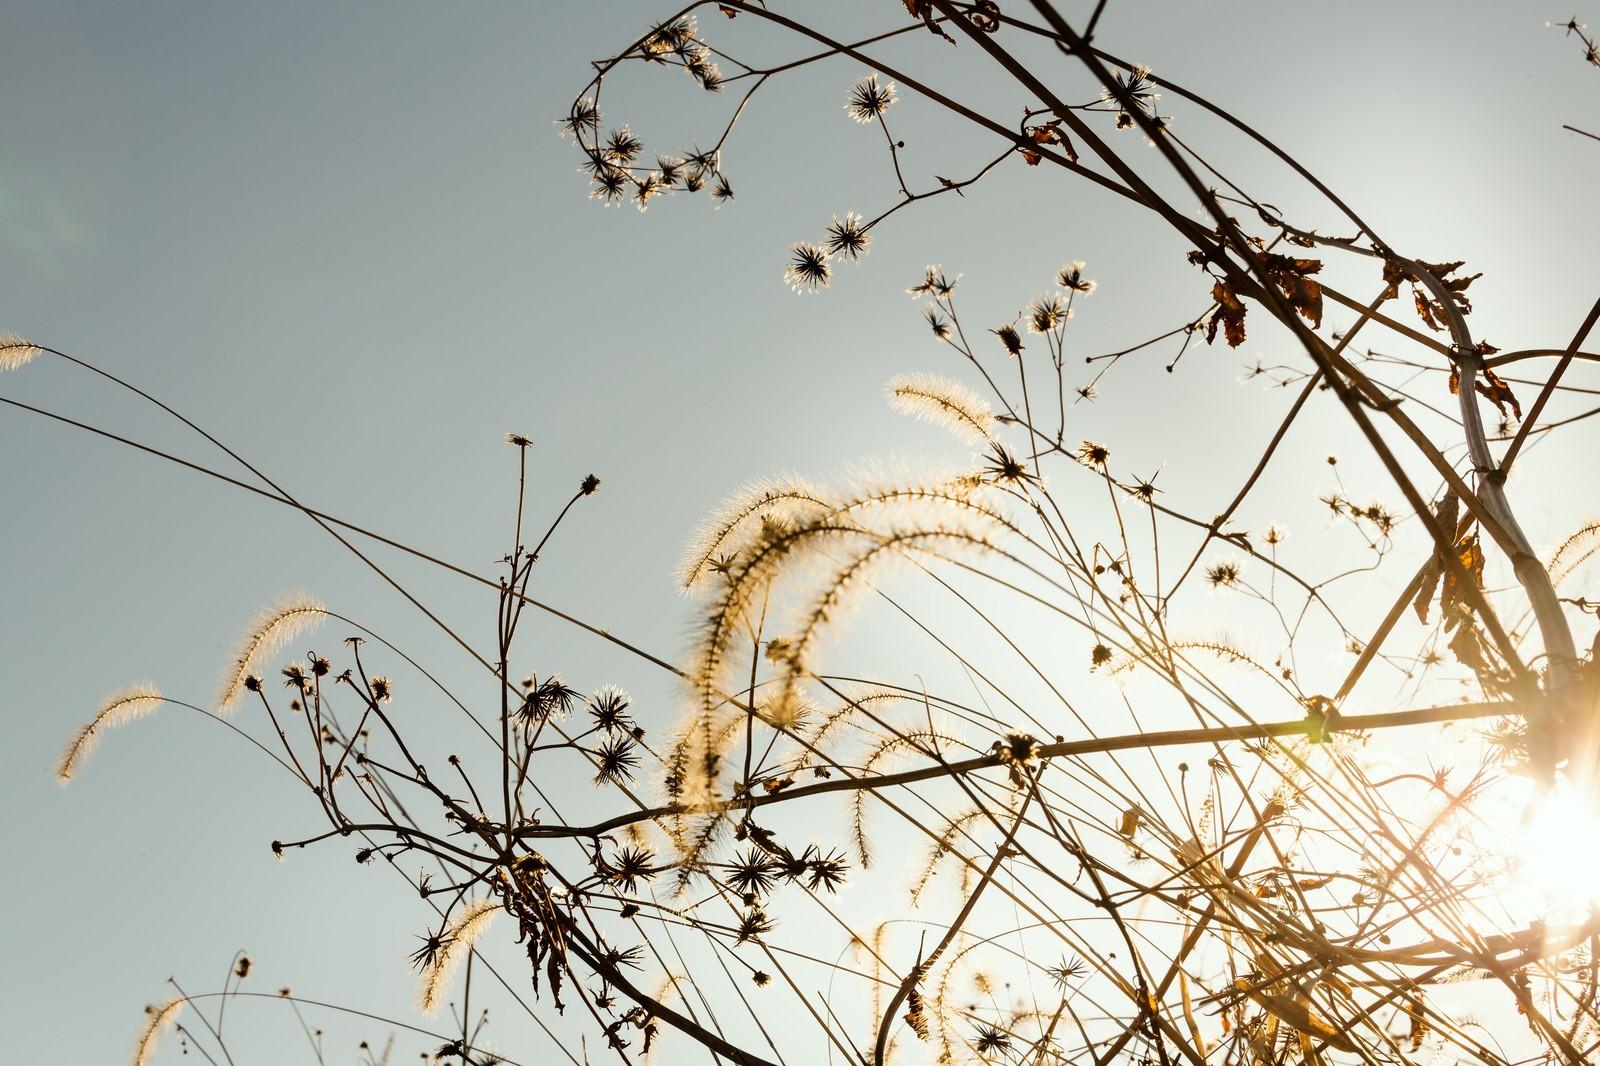 「枯草と冬の陽気」の写真